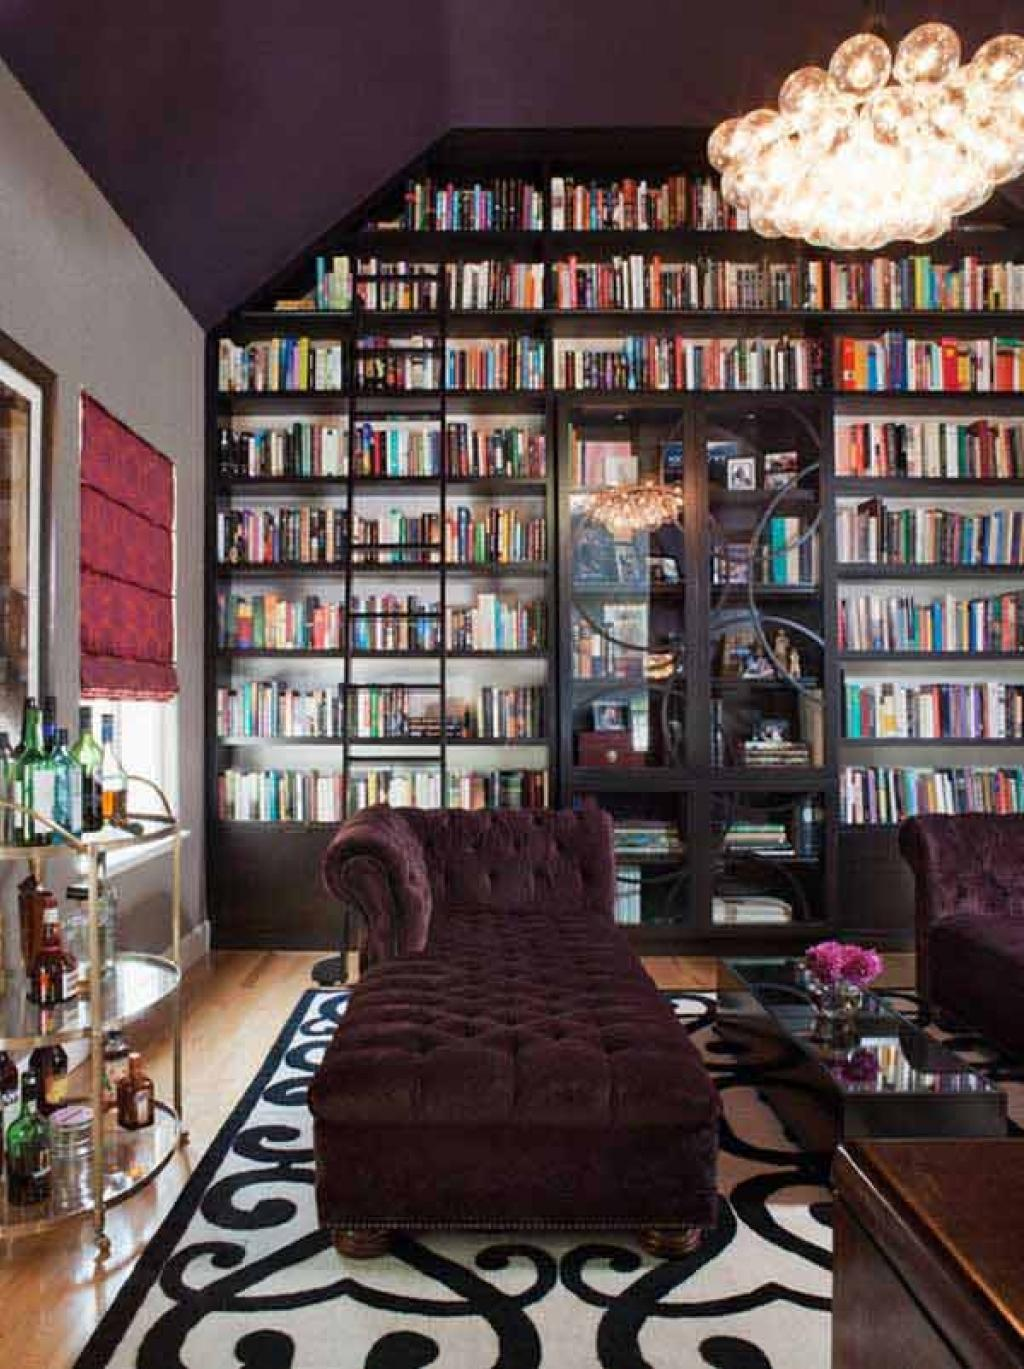 15 merveilleuses id es de biblioth ques pour ranger et mettre en valeur ses livres page 2 sur 2. Black Bedroom Furniture Sets. Home Design Ideas